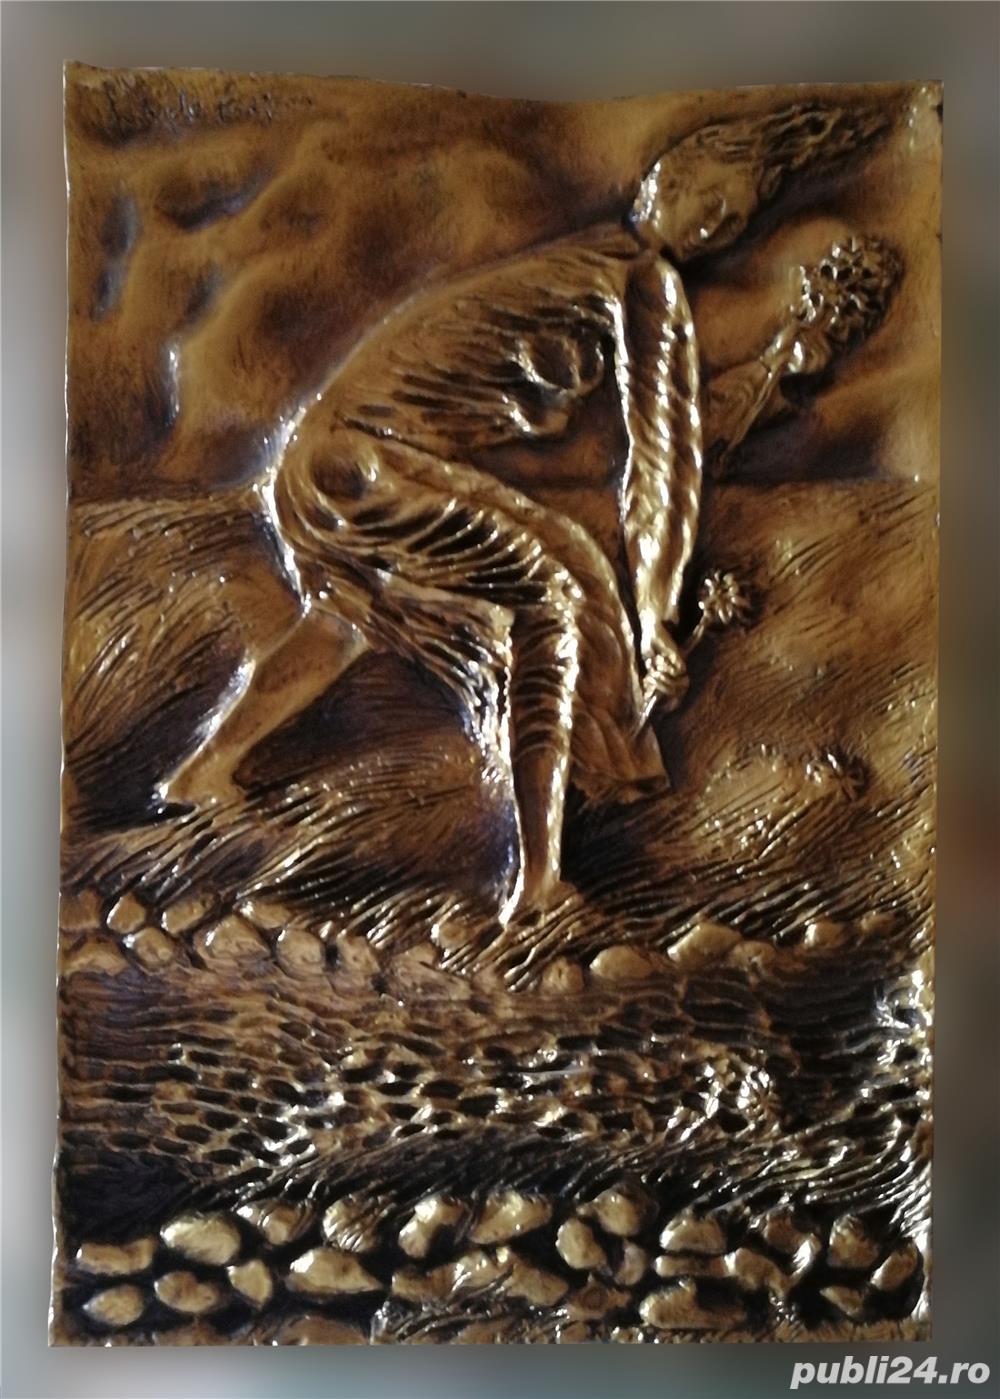 Sulptură din Bronz de PERICLE FAZZINI - MATELDA Ediție Limitată 1980